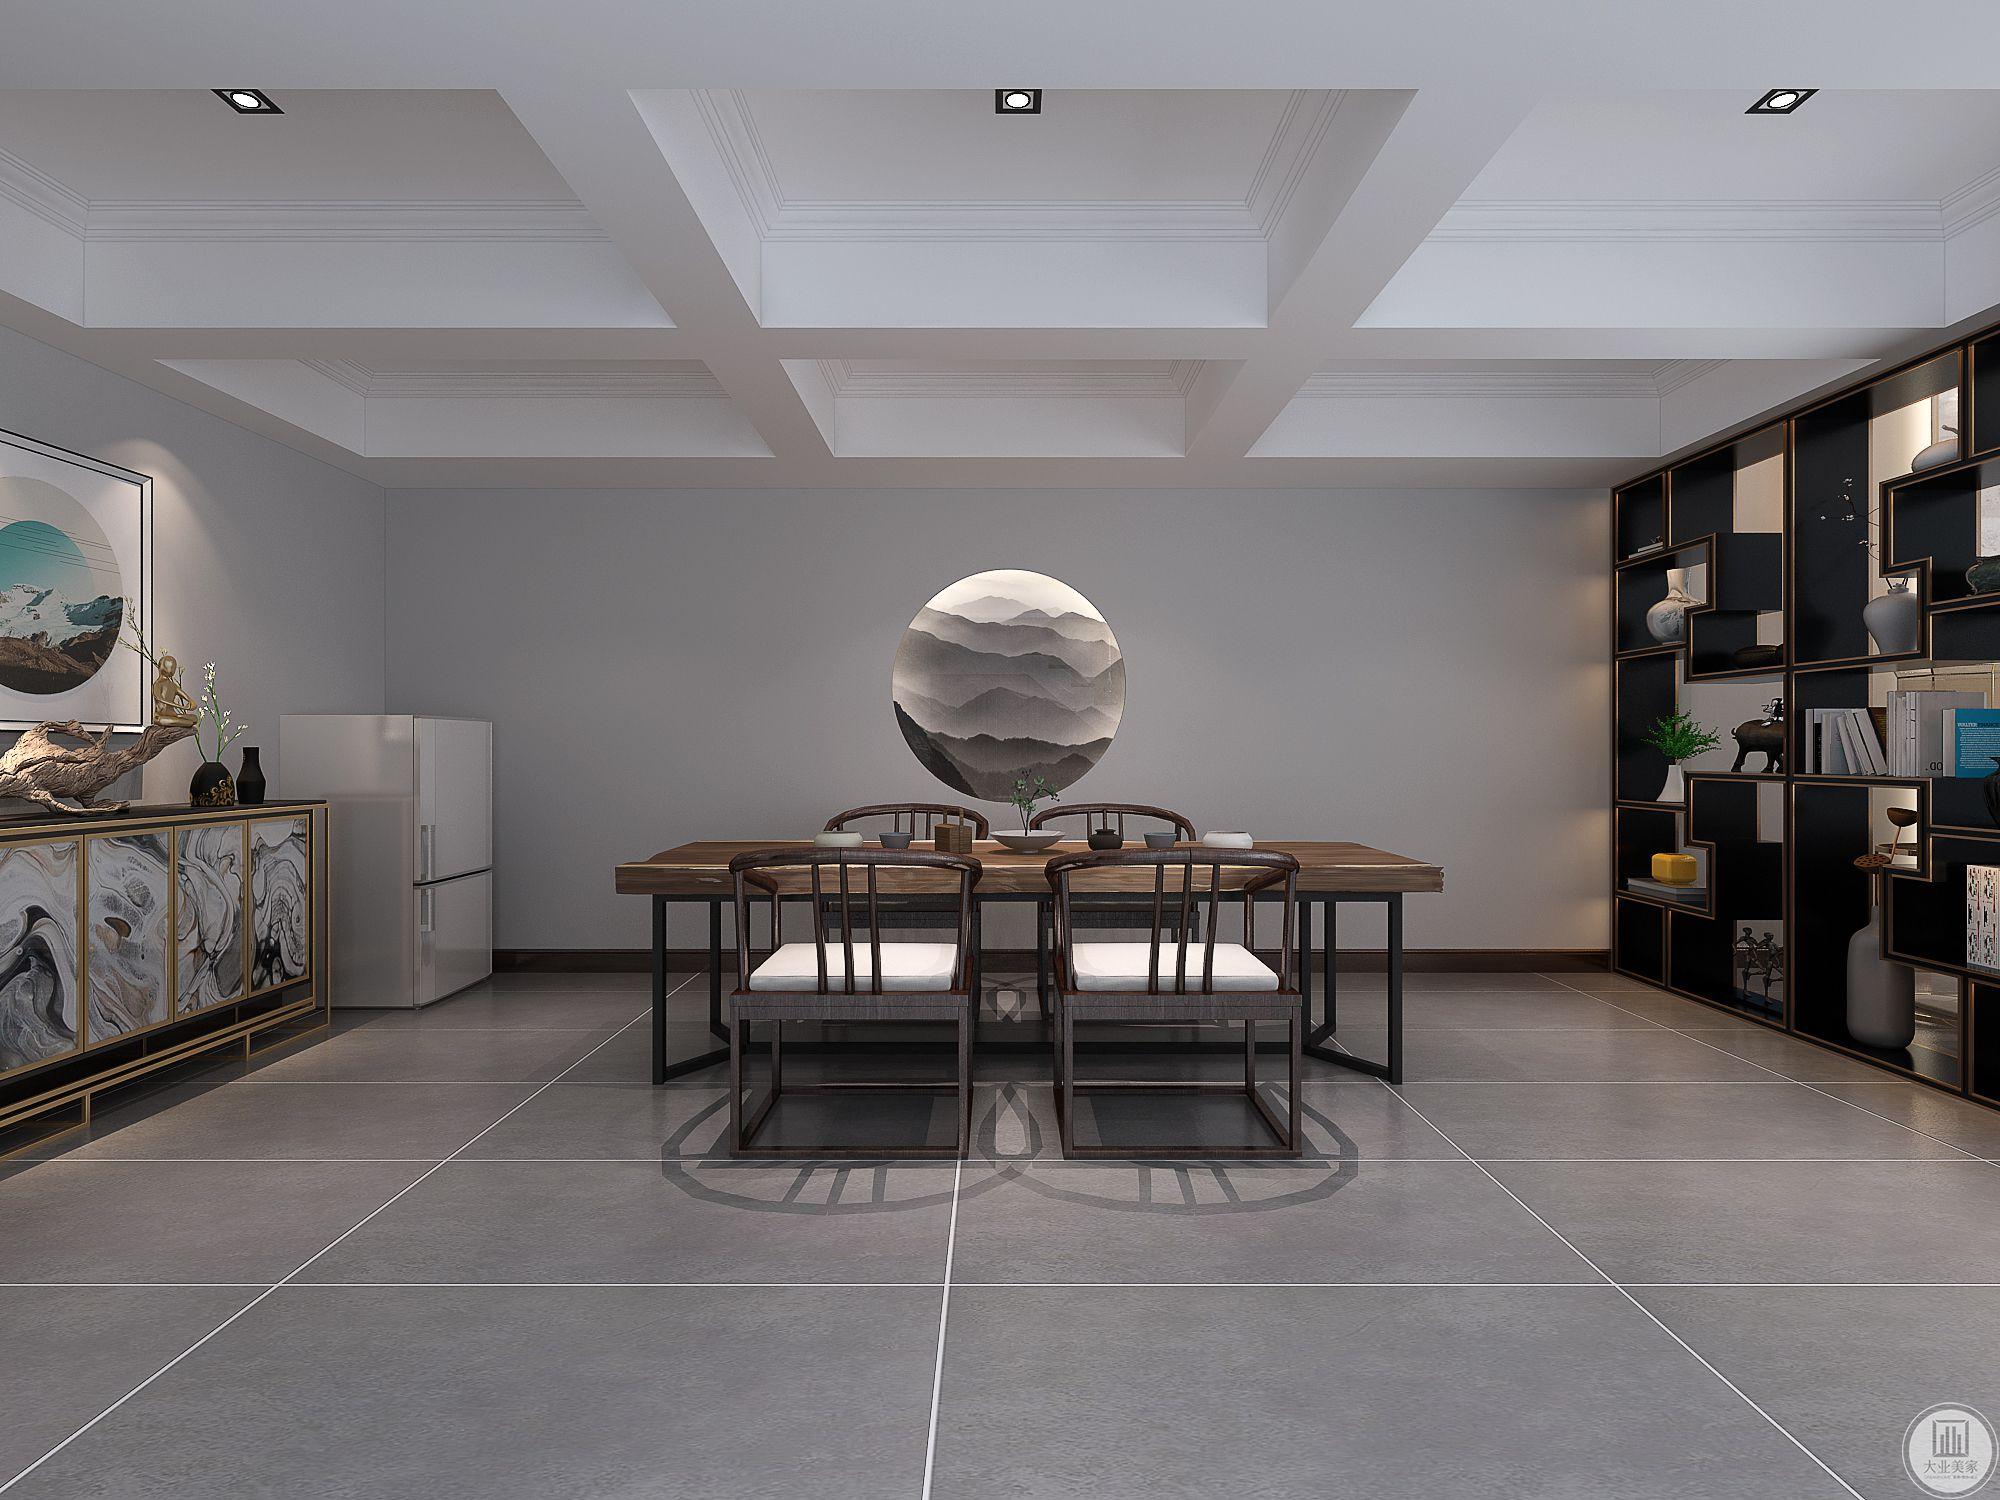 楼上楼下风格划分分明,中式韵味的书房,九宫格吊顶、圆形山水背景,久远悠长,灰色书桌,书柜,大气沉稳。